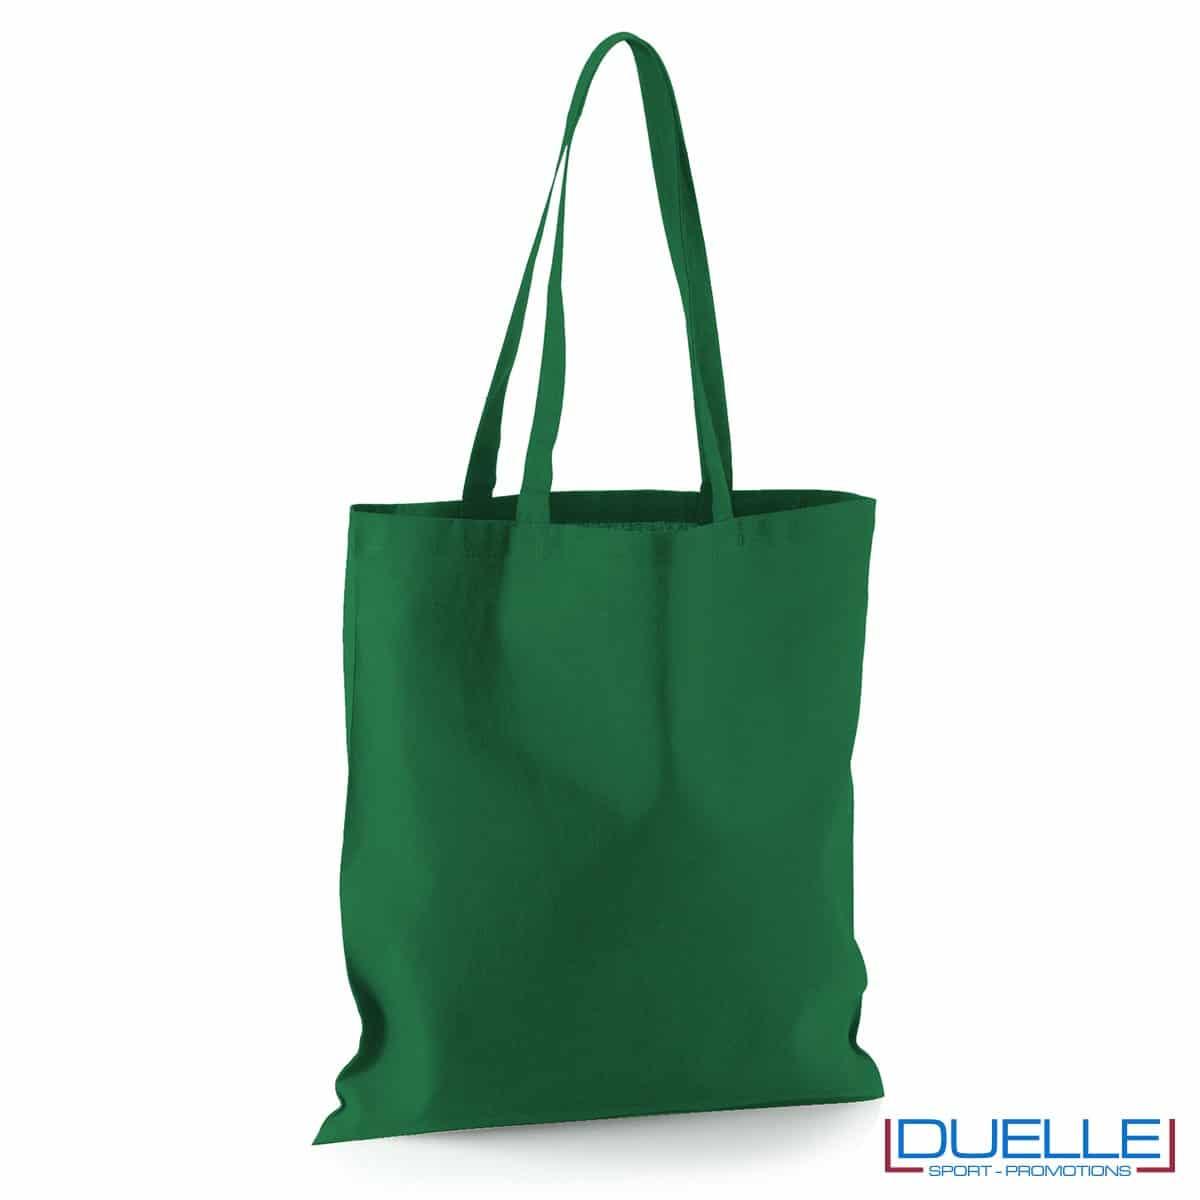 Shopper personalizzata in puro cotone verde scuro